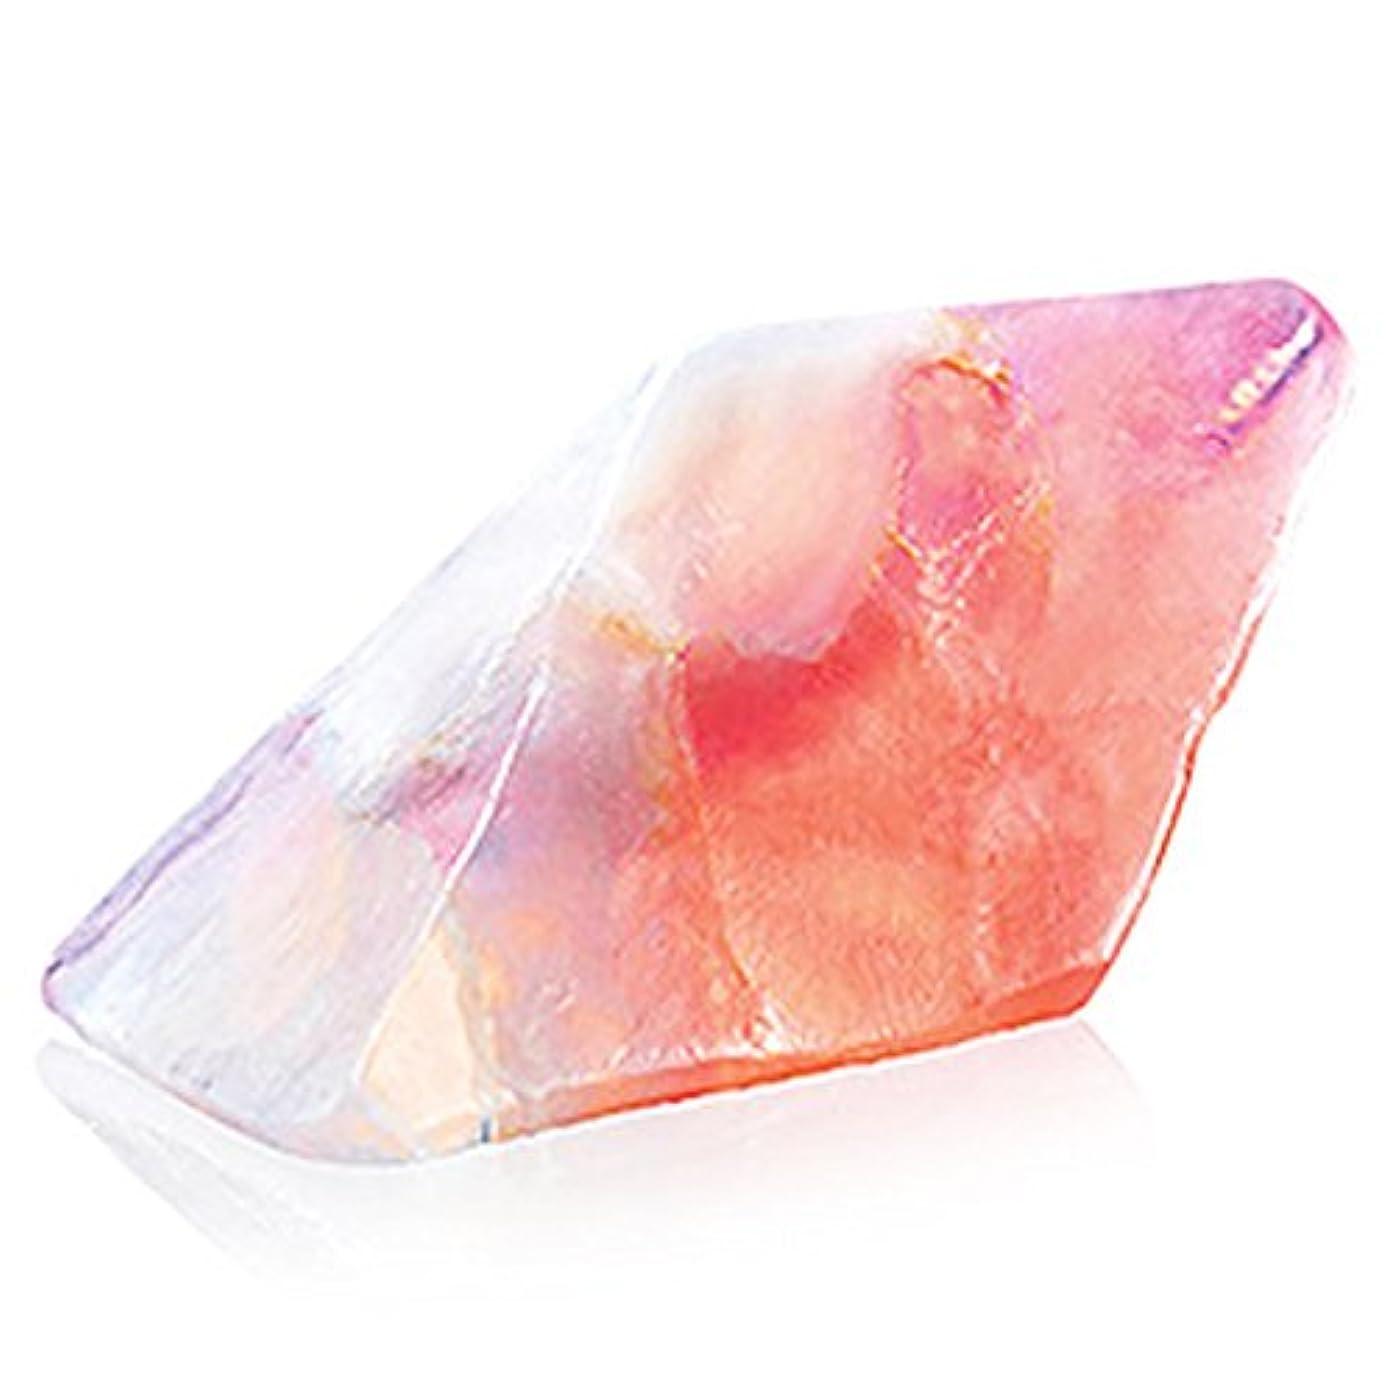 クランシースカルク水銀のSavons Gemme サボンジェム 世界で一番美しい宝石石鹸 フレグランス ソープ ローズクォーツ ミニ 114g